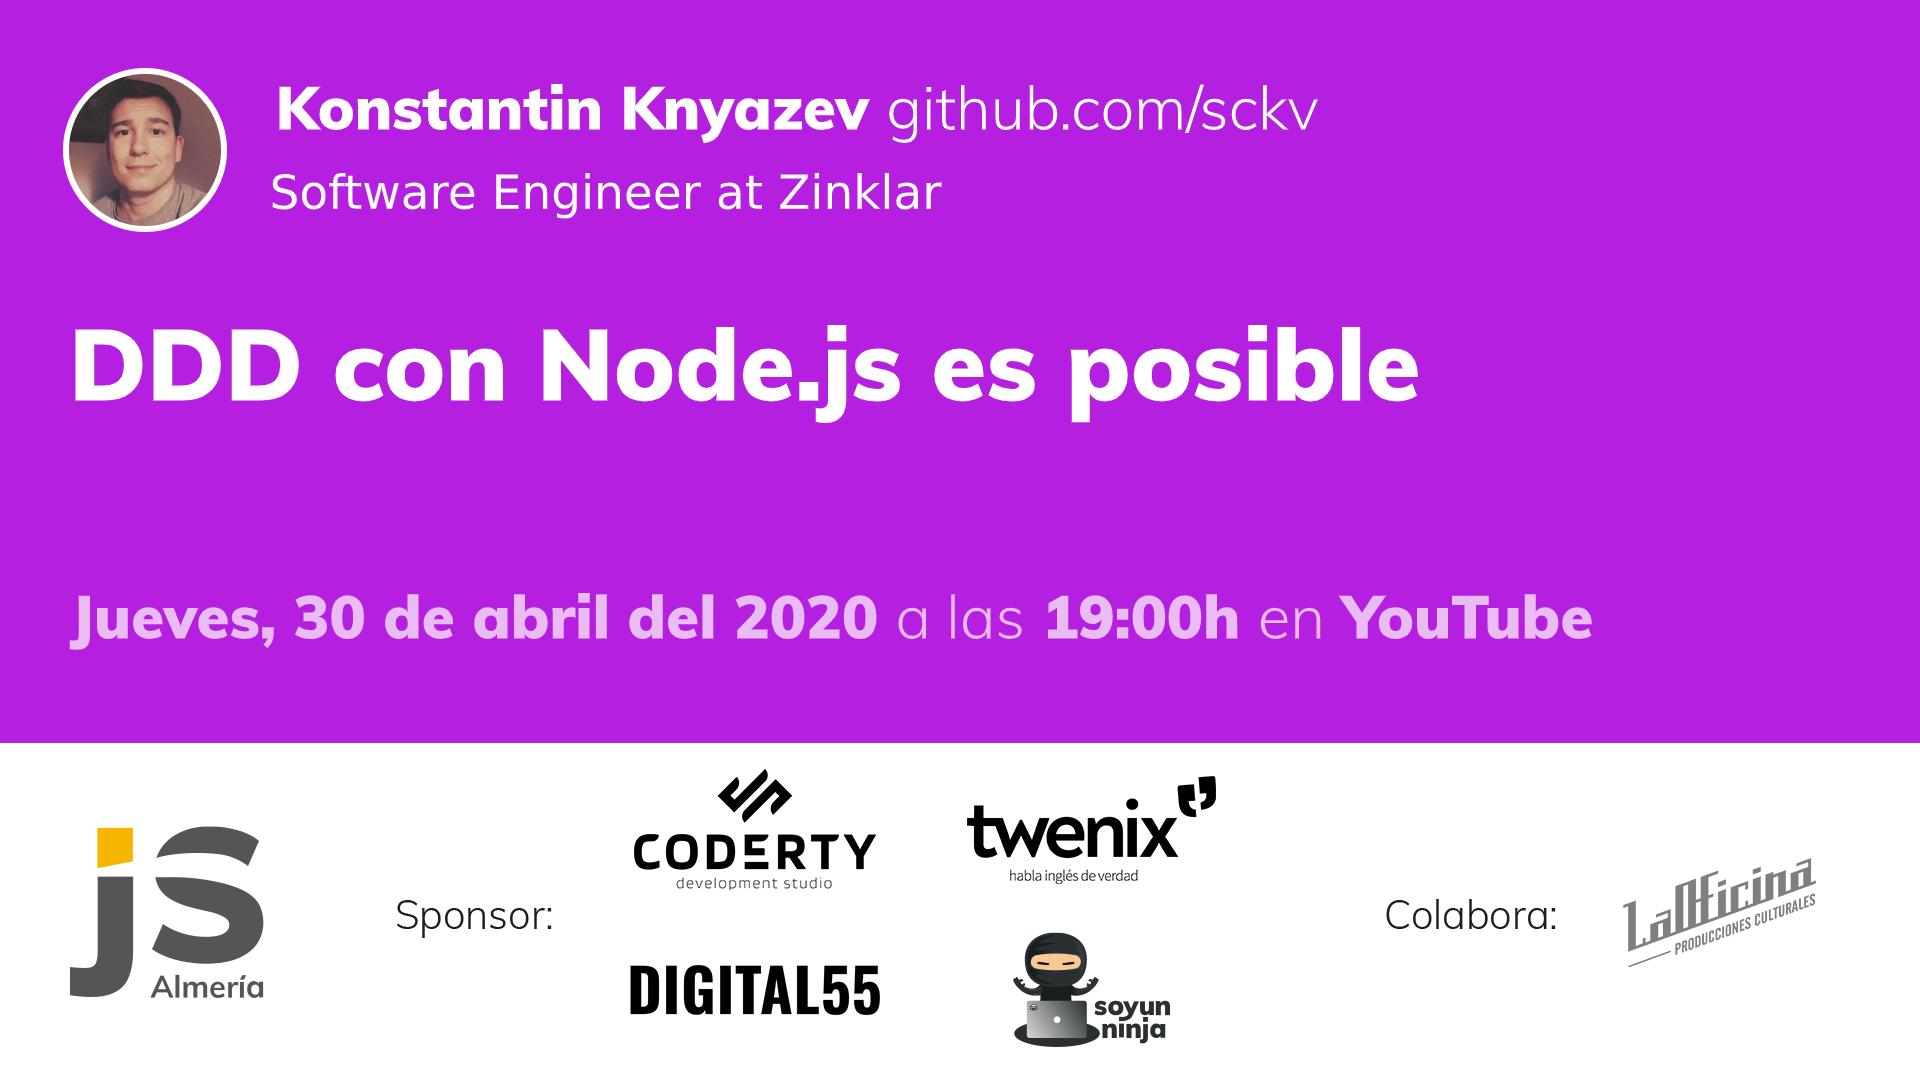 AlmeríaJS abril (on-line): DDD con Node.js es posible